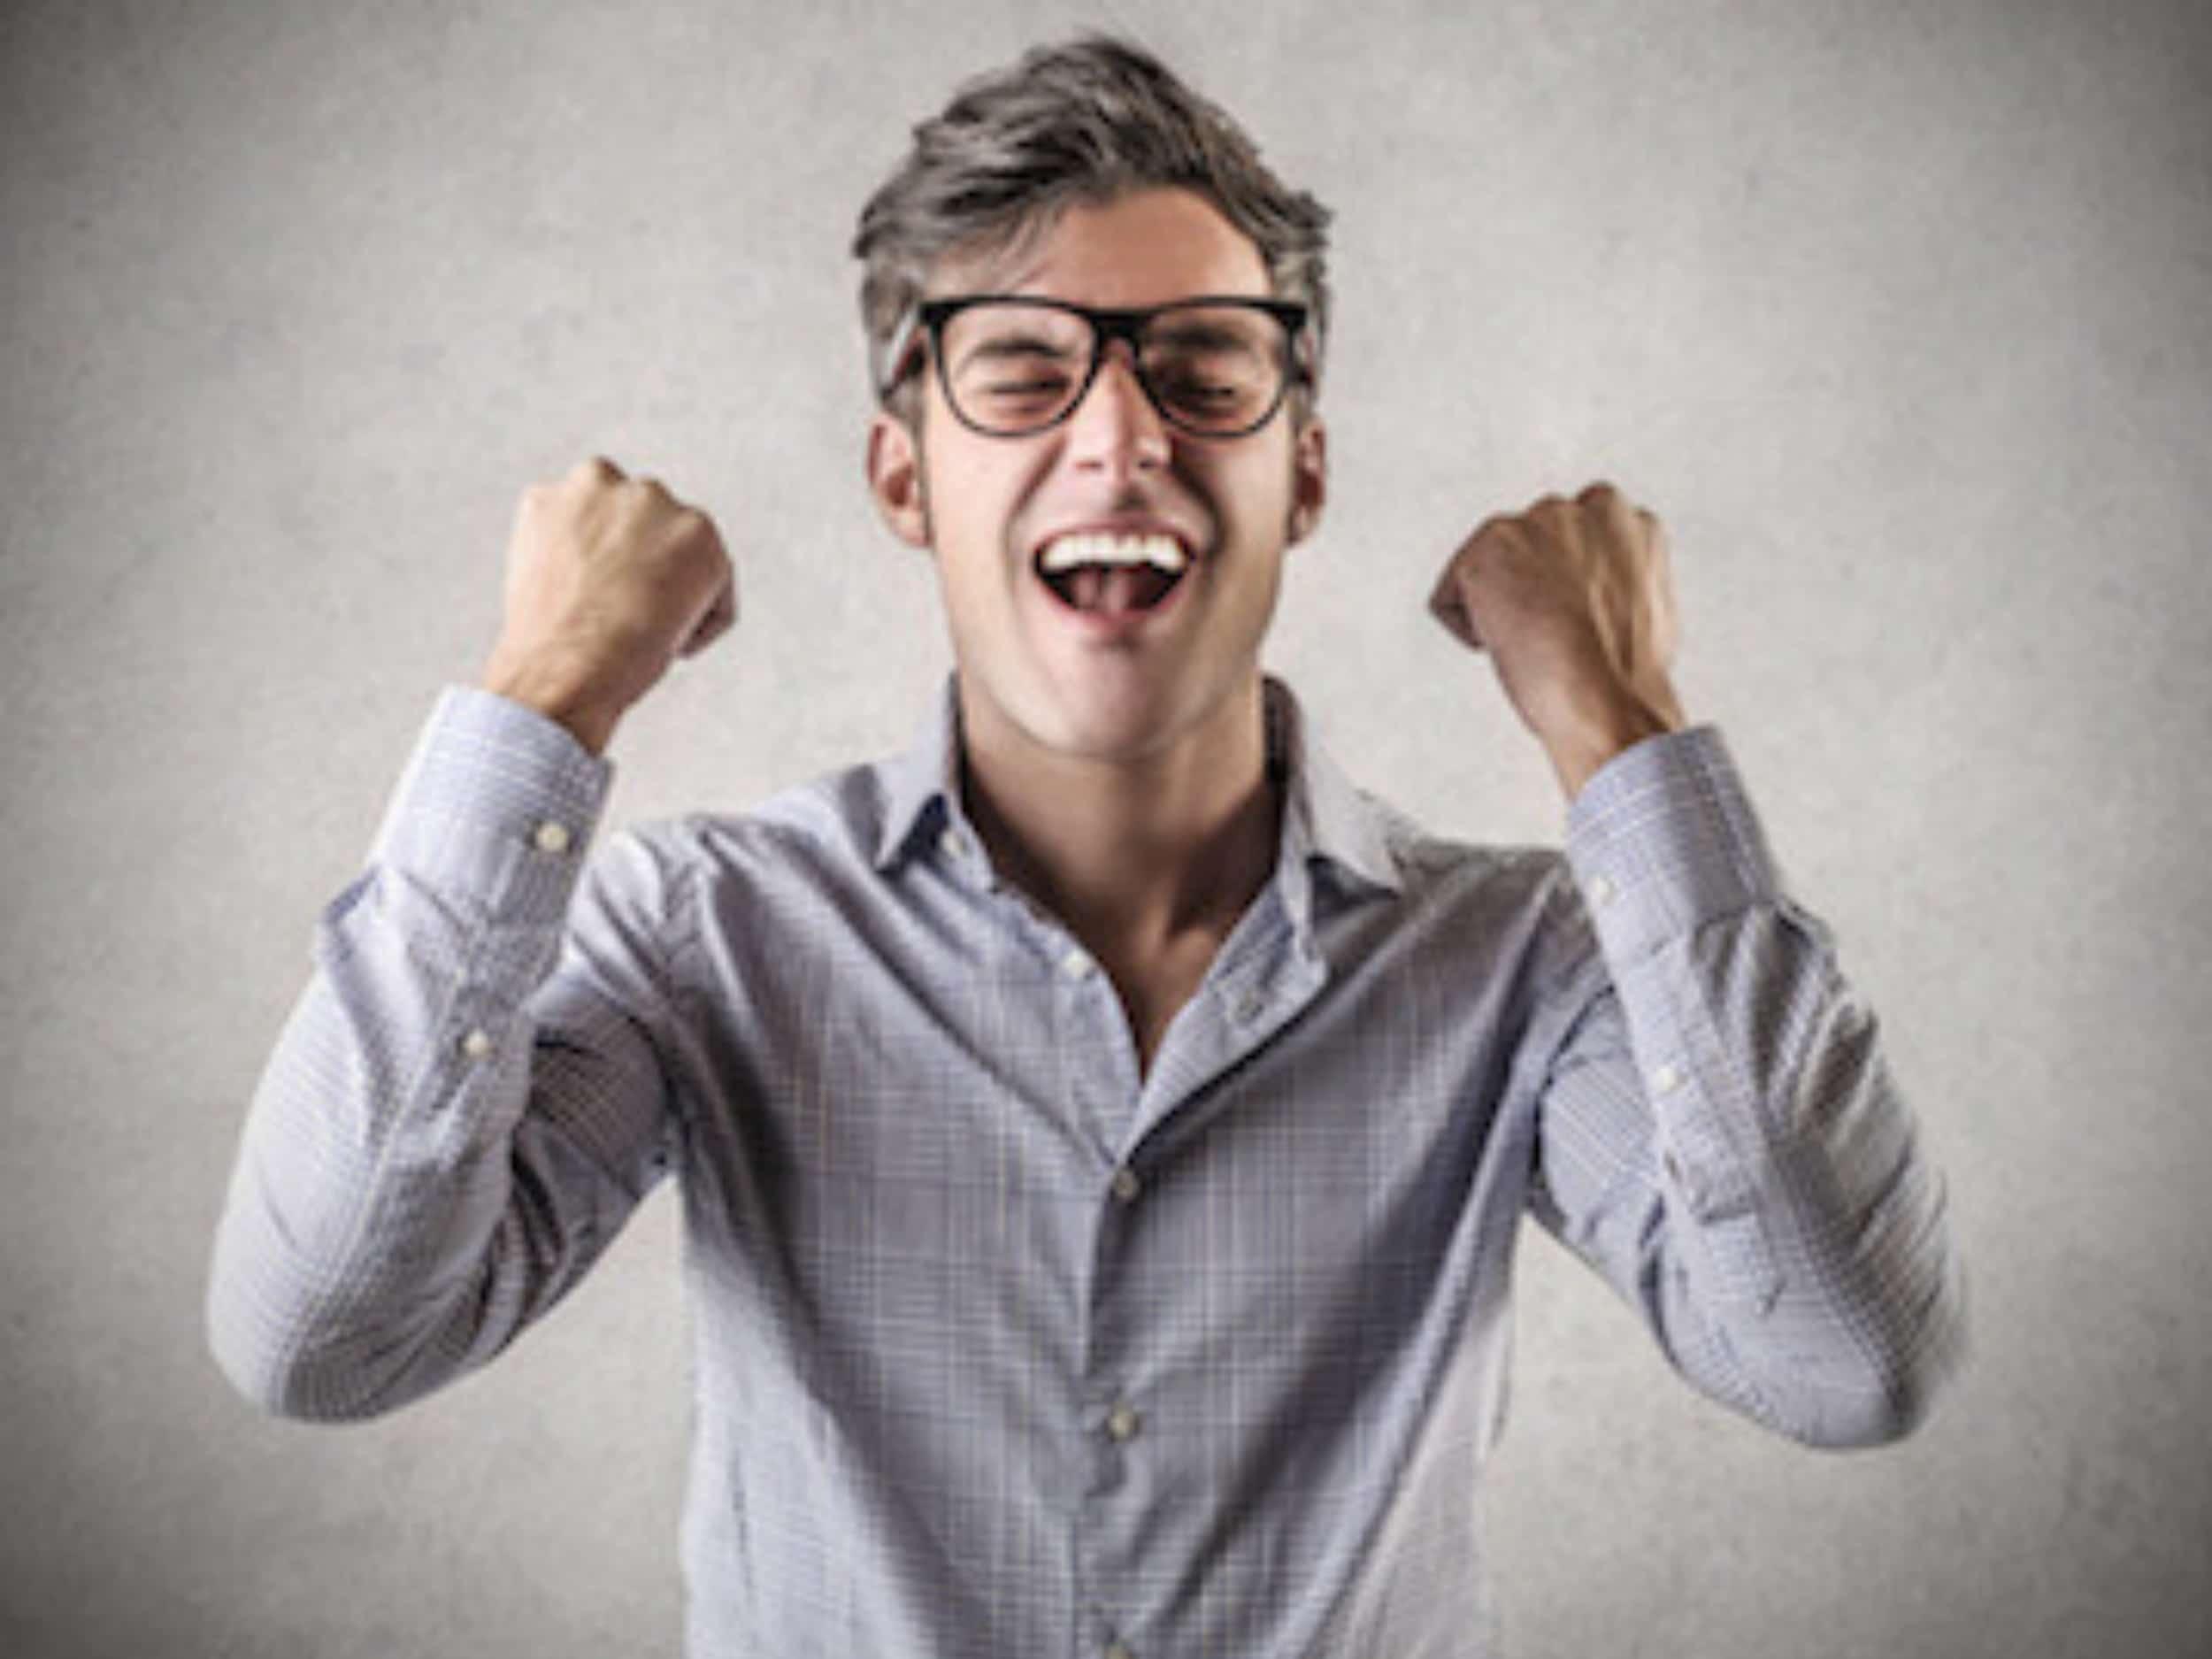 Kurs-Modul 1: Selbstbewusstsein stärken